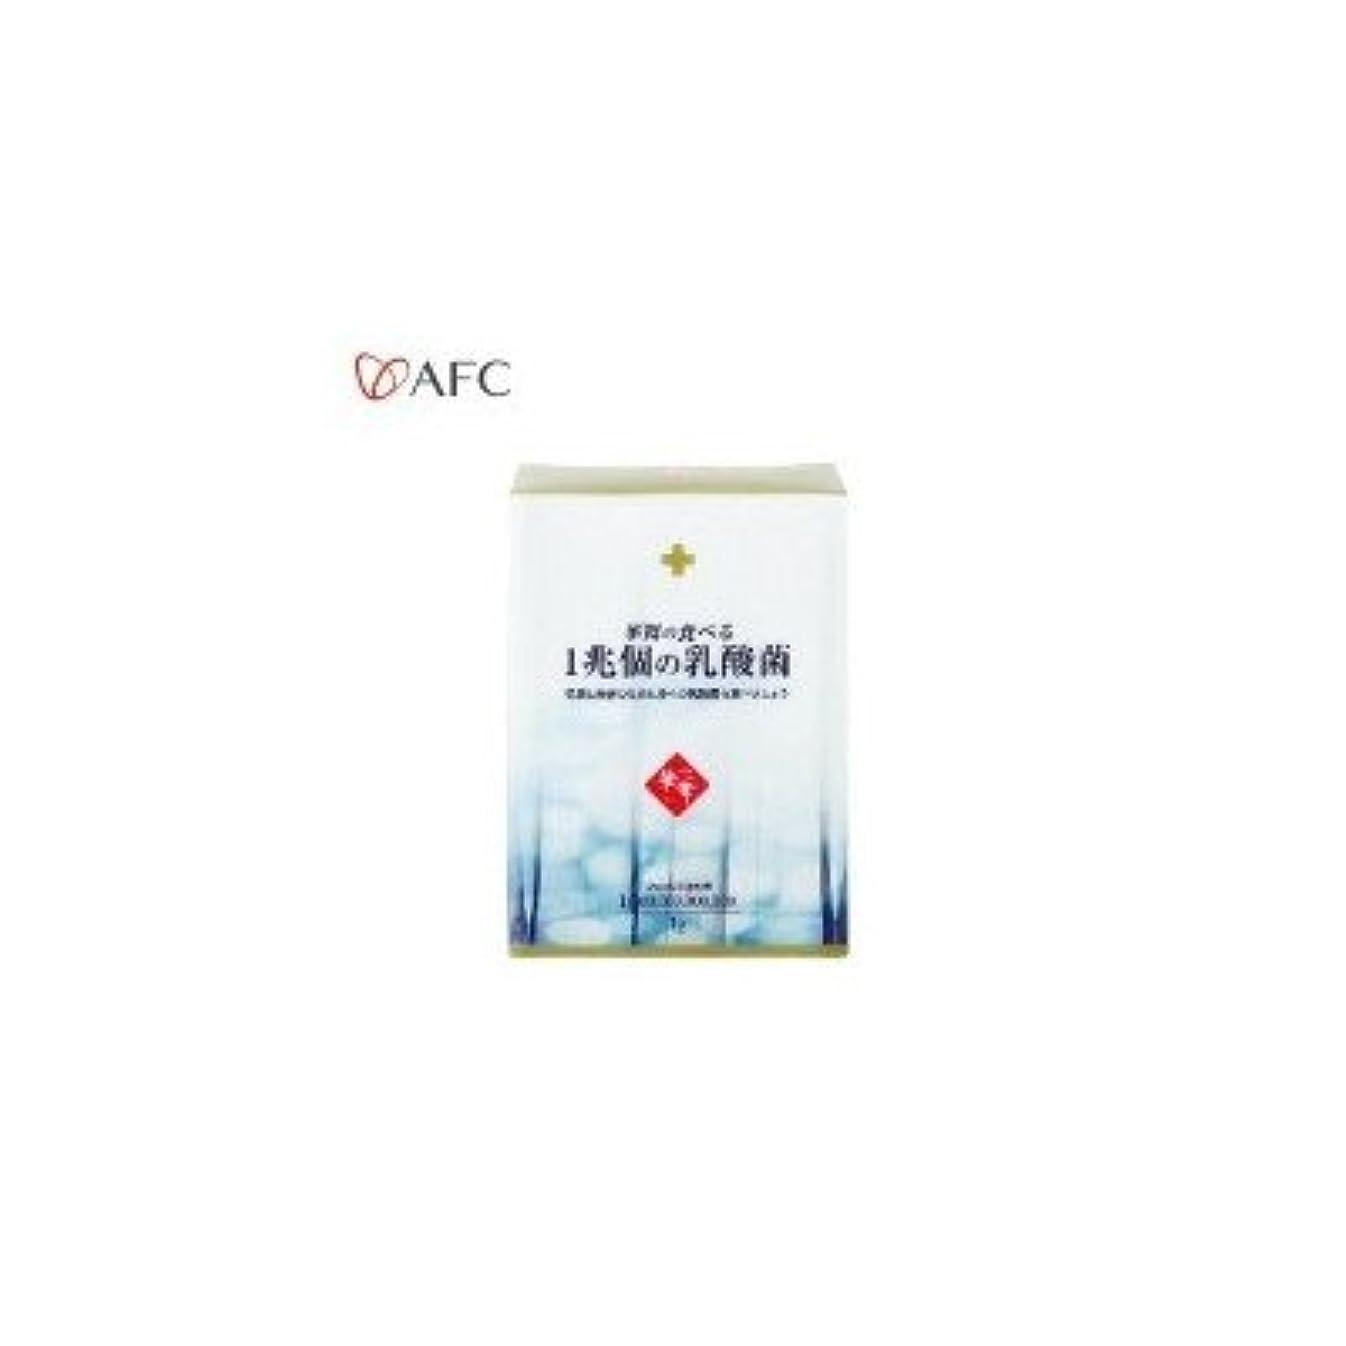 聡明剛性実装するAFC 華舞シリーズ 華舞の1兆個の乳酸菌 スティックタイプ 30g(1g×30本) 3222 爽やかなヨーグルト 持ち運びにも便利なスティックタイプ